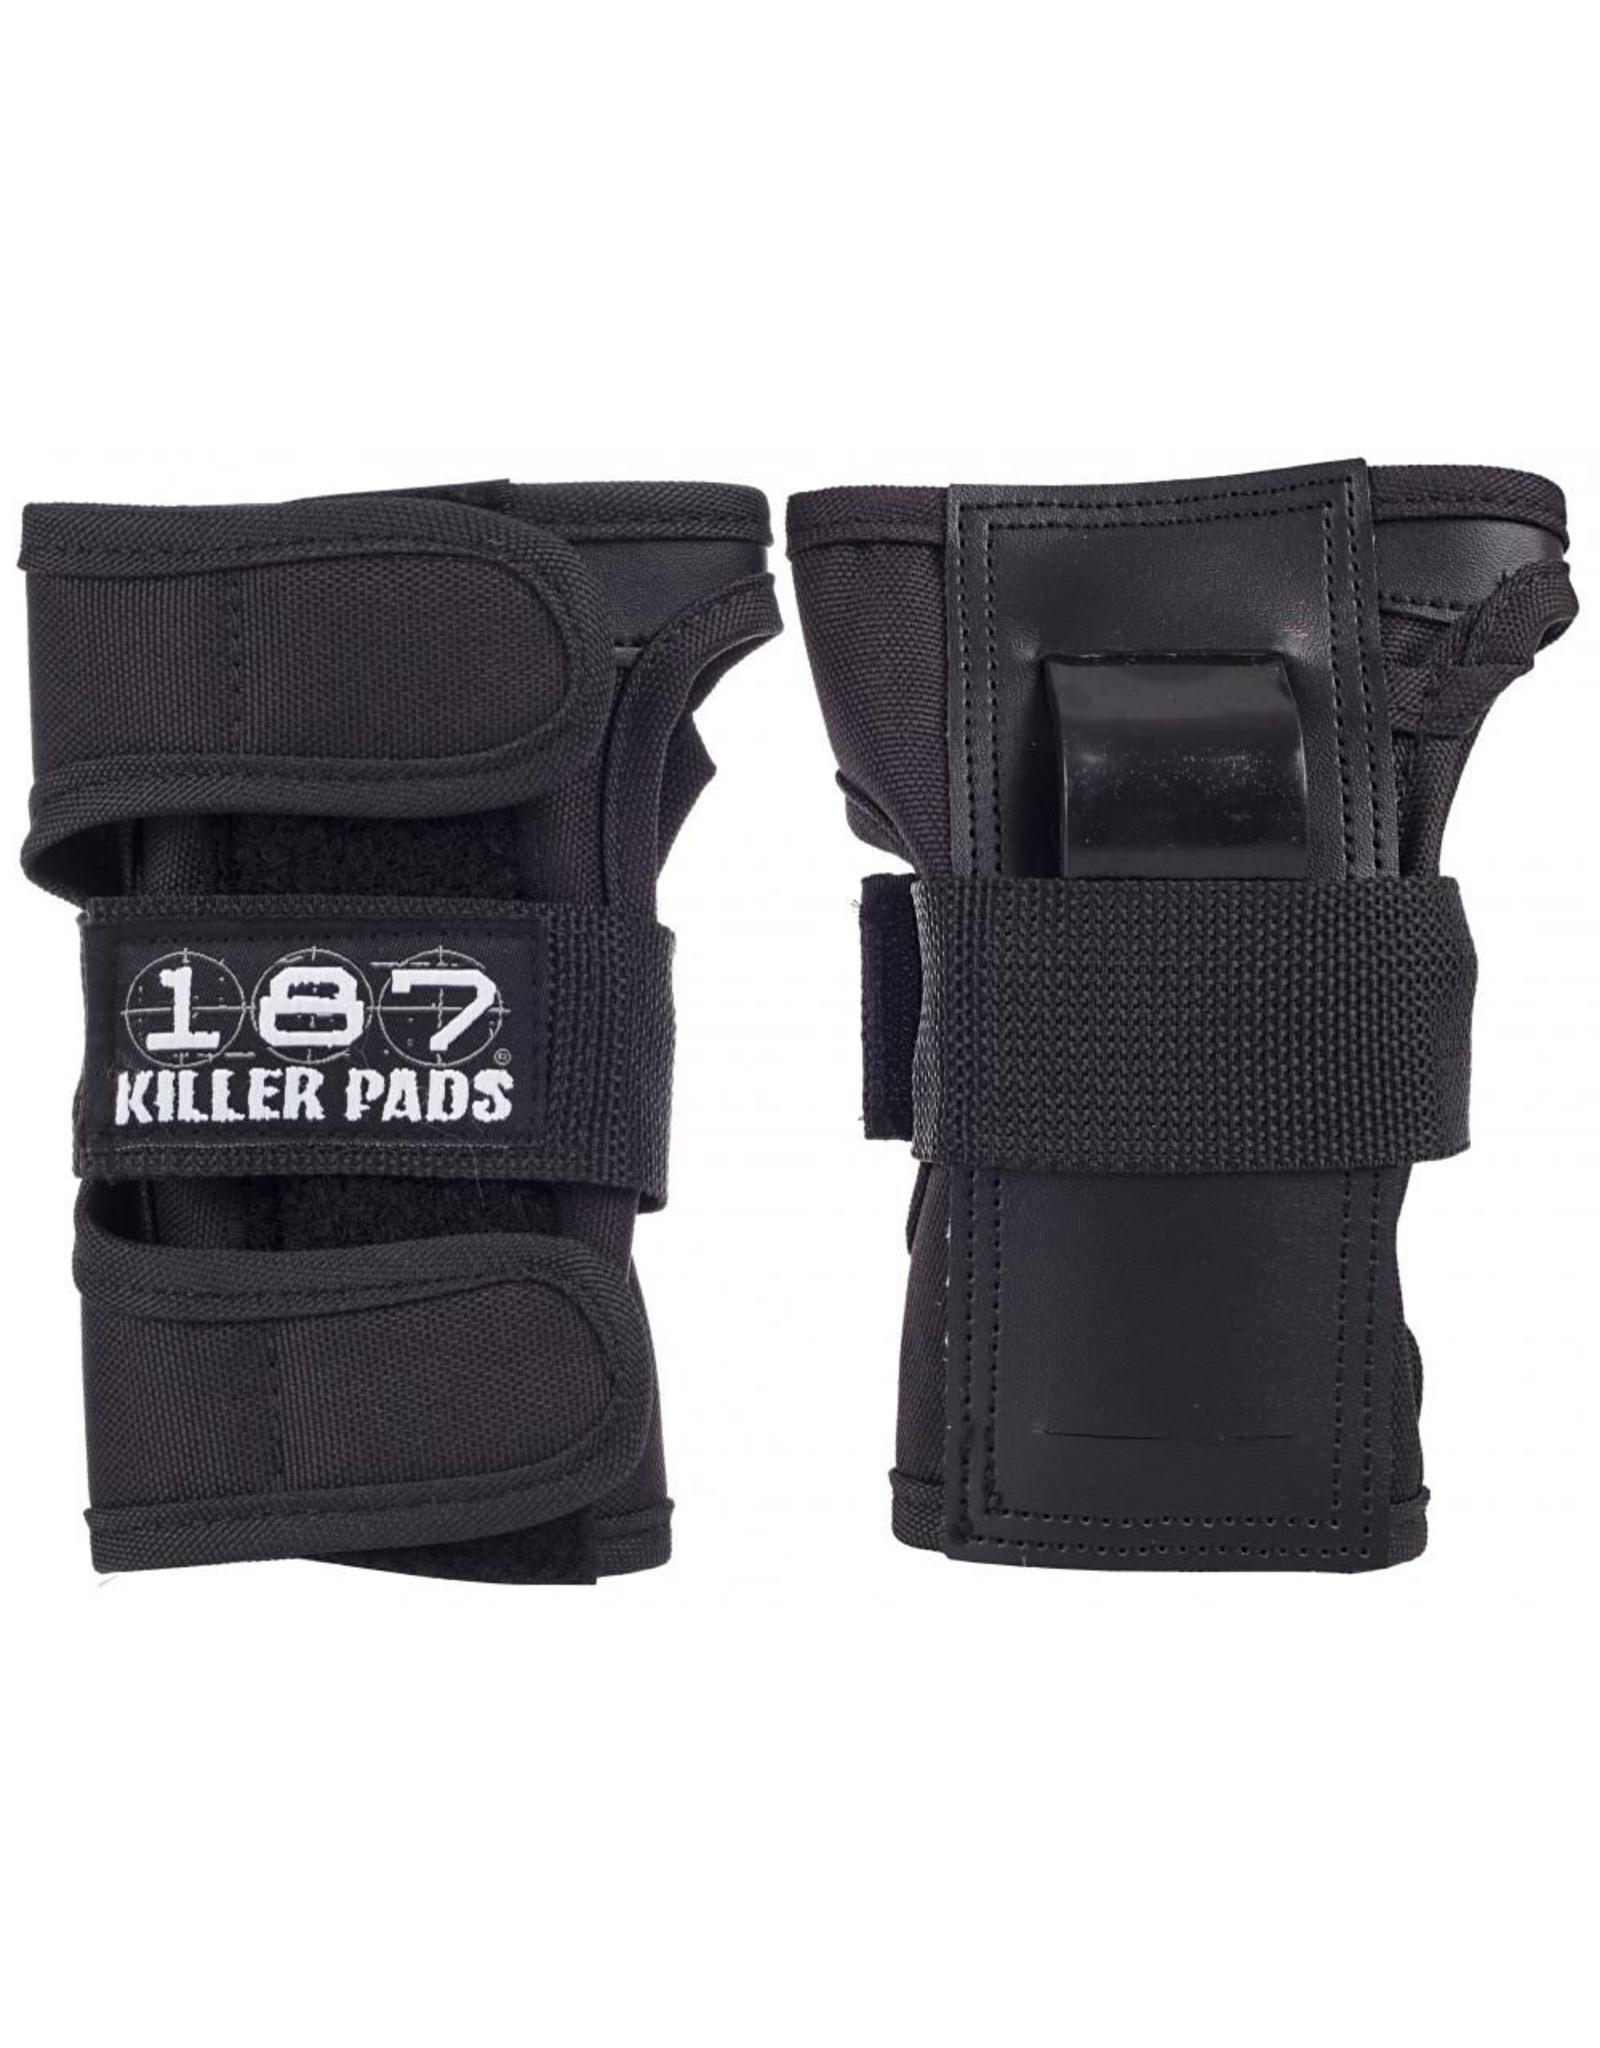 187 187 - Killer Pads Wrist Guard - Black - M